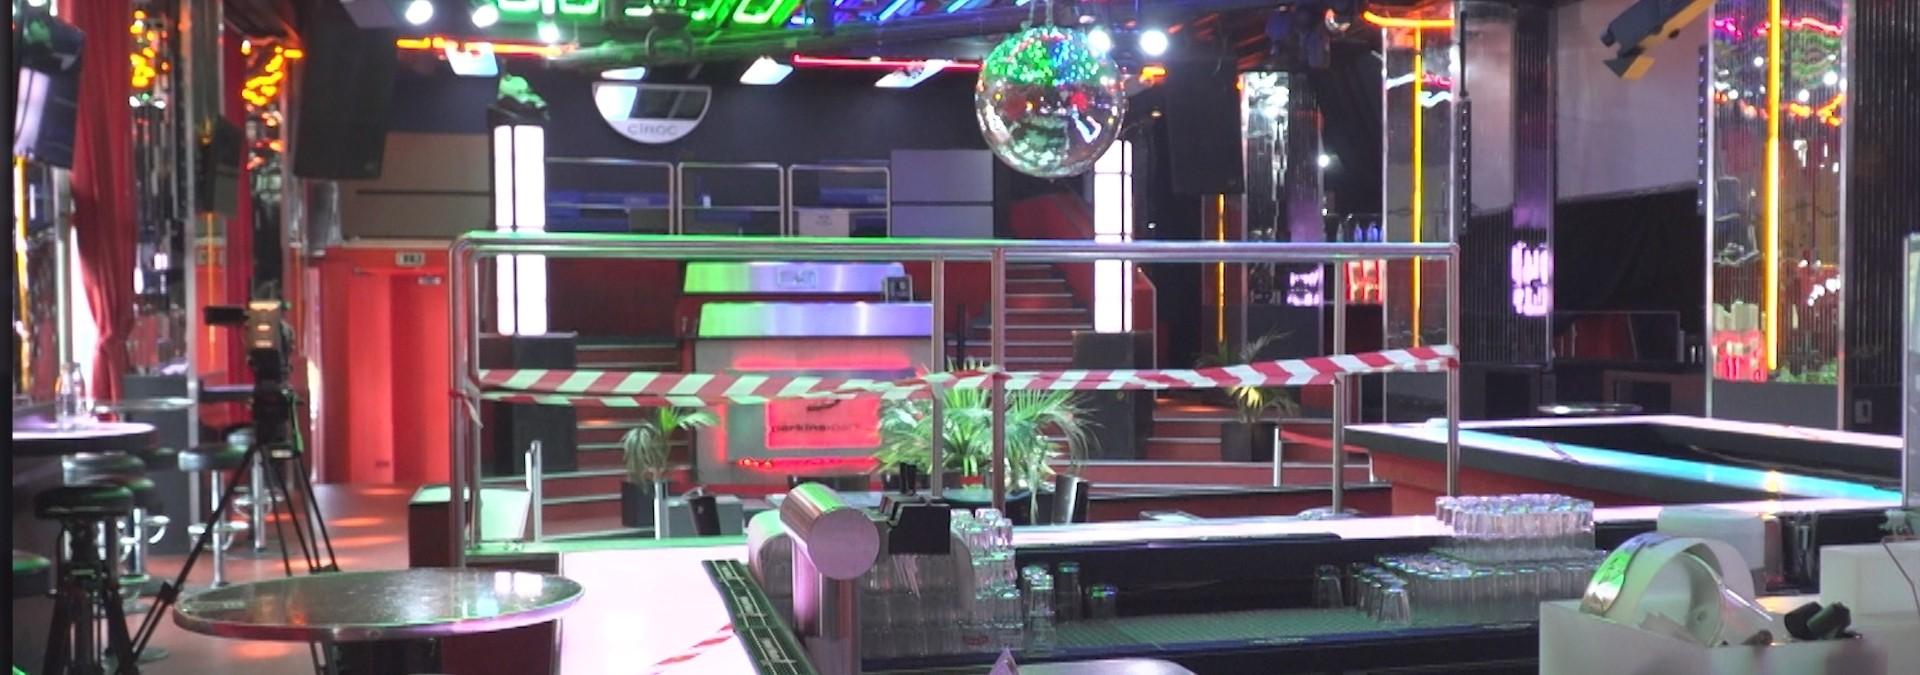 Stuttgarter kämpft bundesweit ums Überleben der Discotheken